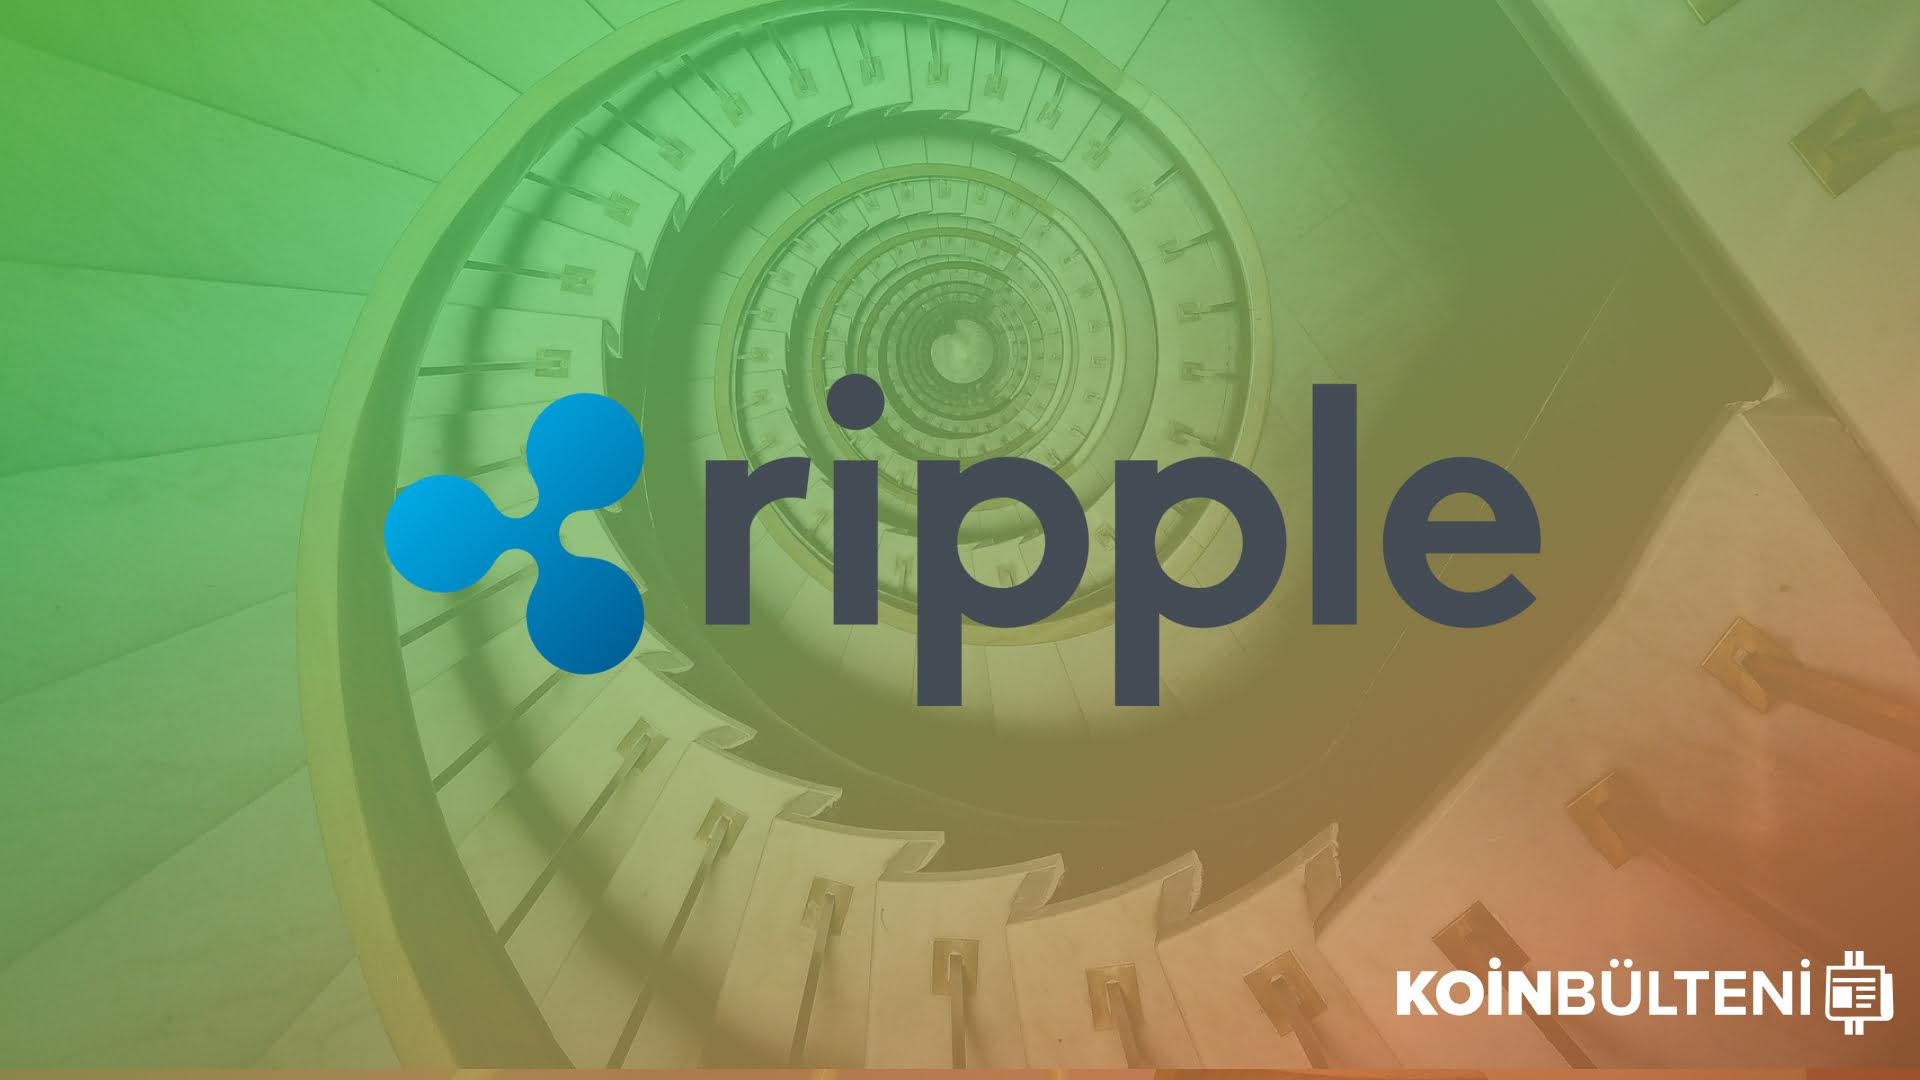 ripple-fintech